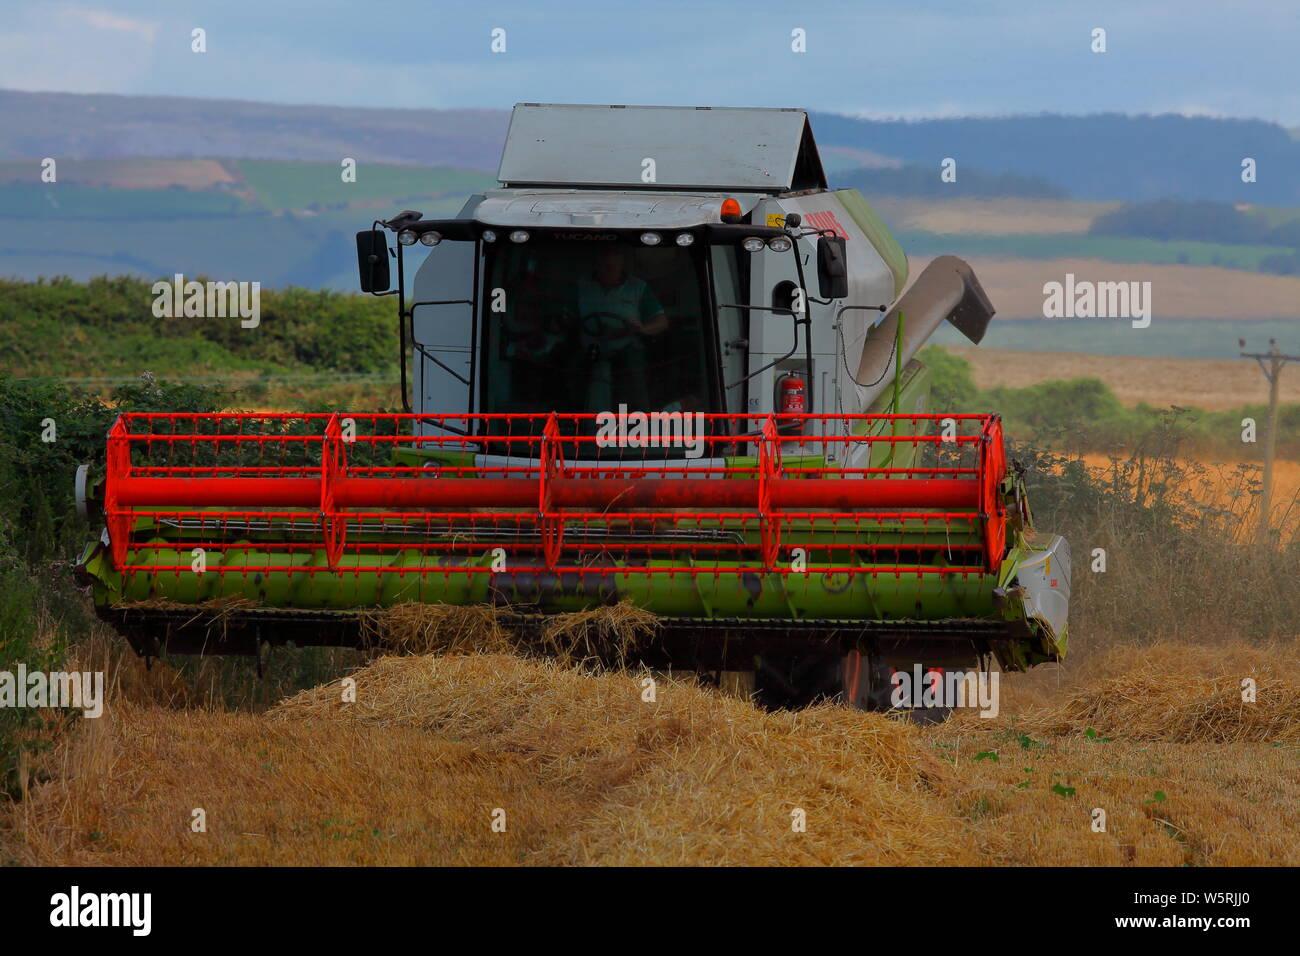 Ein Mähdrescher Wenden am Ende einer Reihe von Weizen in einem lokalen Bereich in der landschaftlich reizvollen Gegend von Southerndown in der Nähe von Bridgend in South Wales. Stockfoto